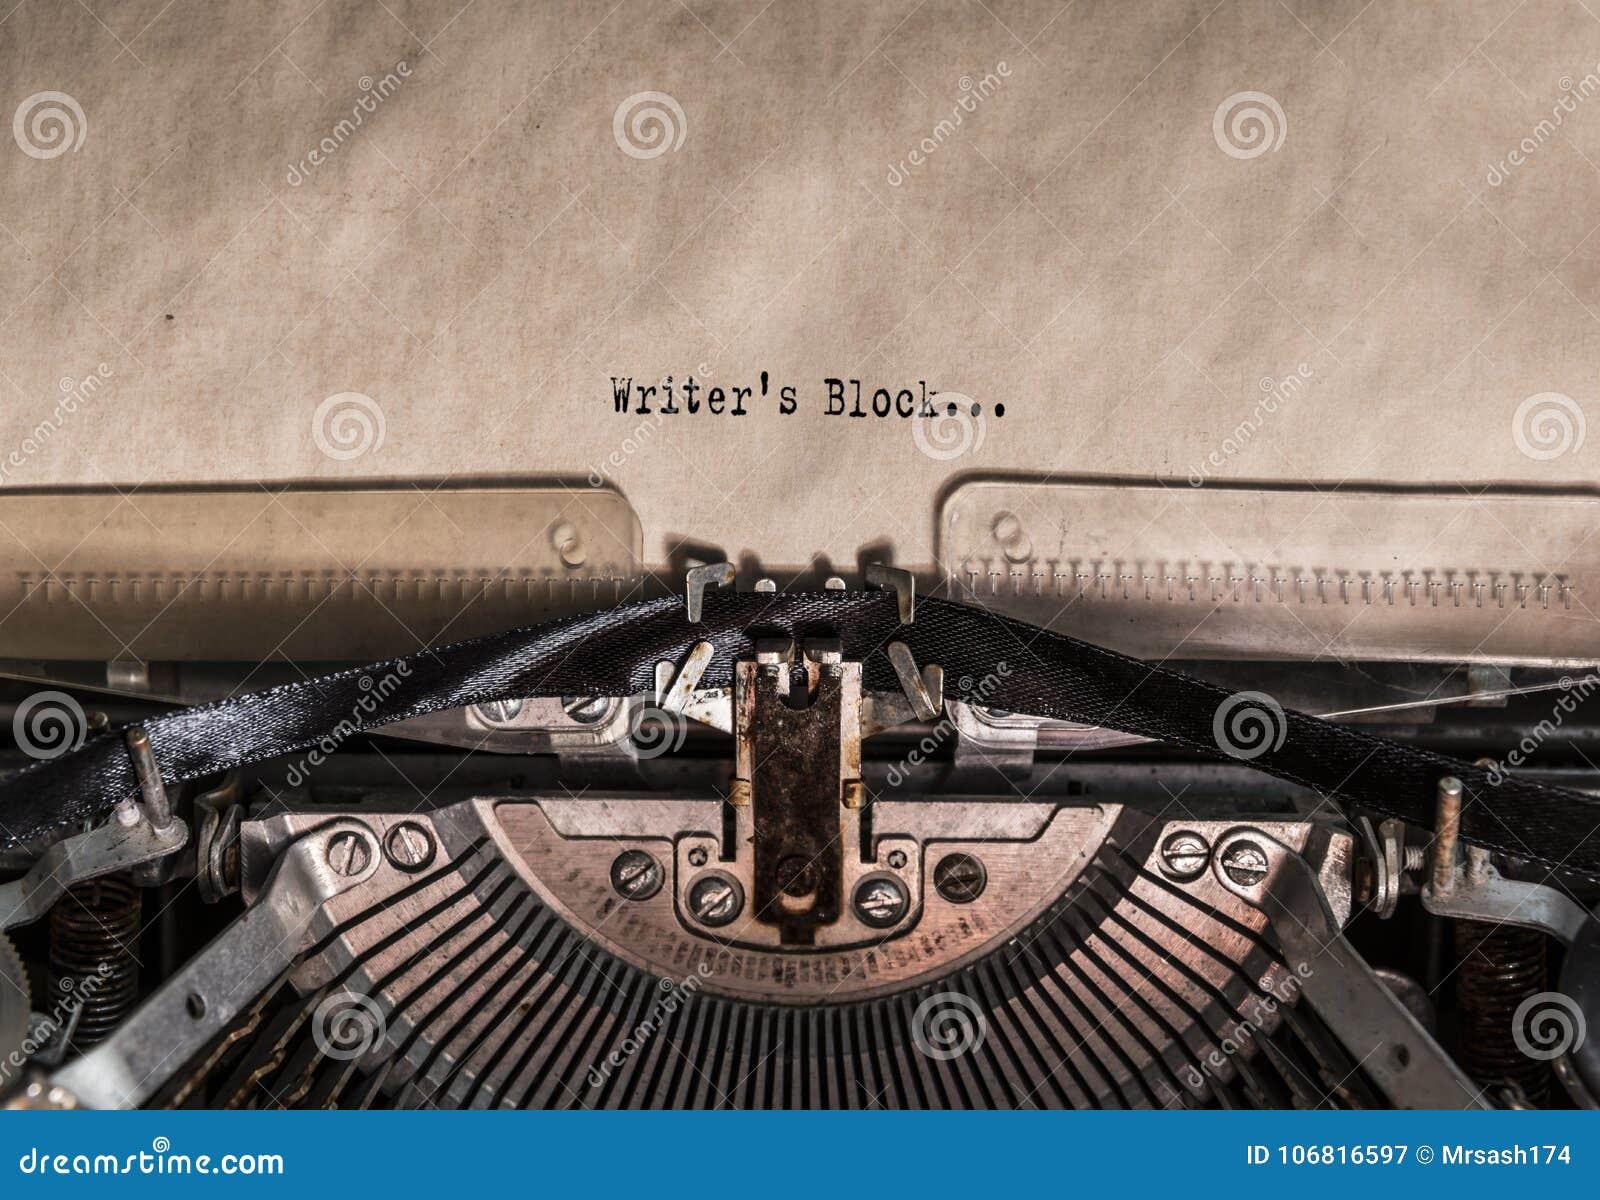 Pisarscy ` s bloku słowa pisać na maszynie na rocznika maszyna do pisania